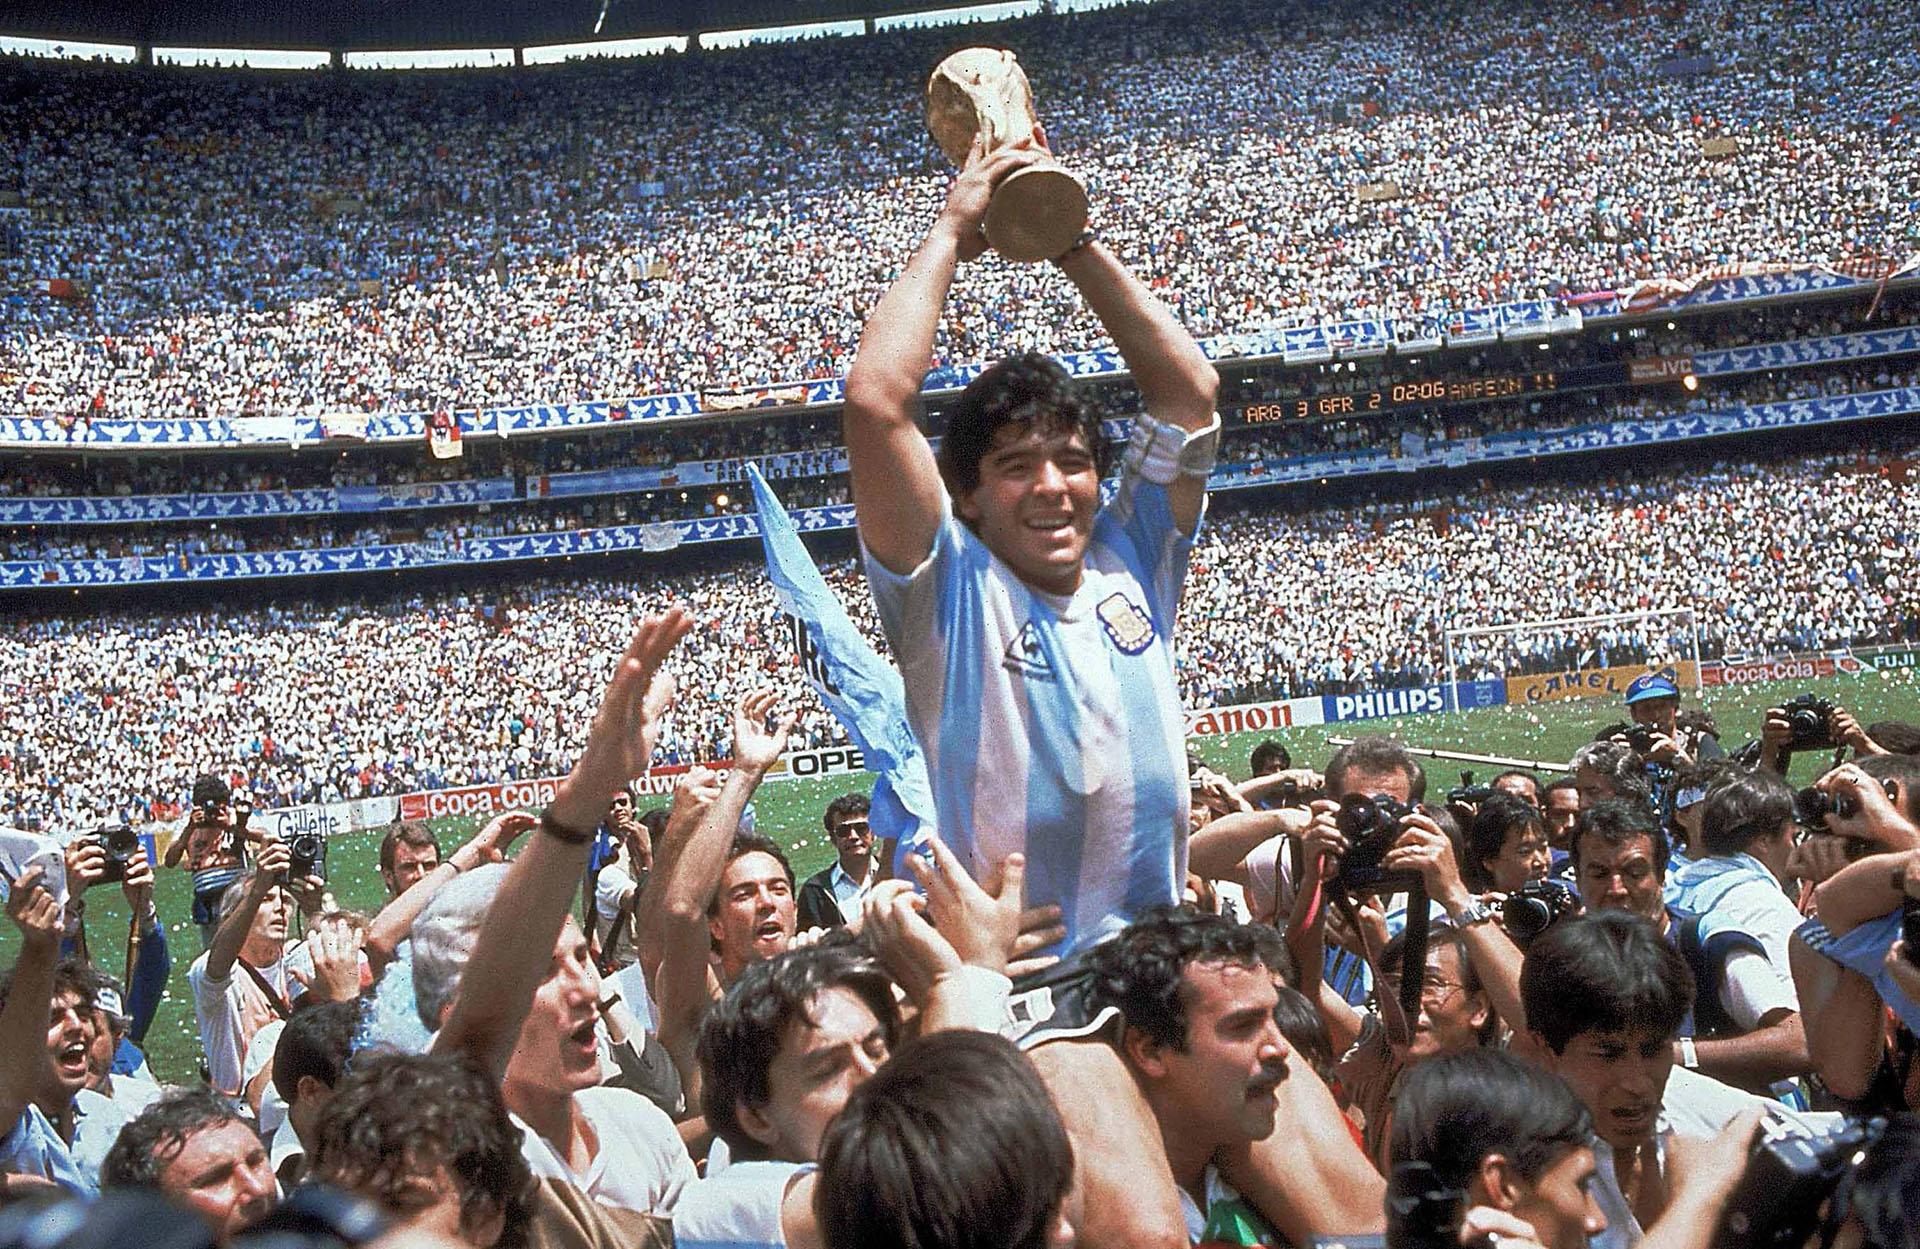 Cumpliendo su sueño y el de todos los argenitnos: levantando la Copa del Mundo en México '86